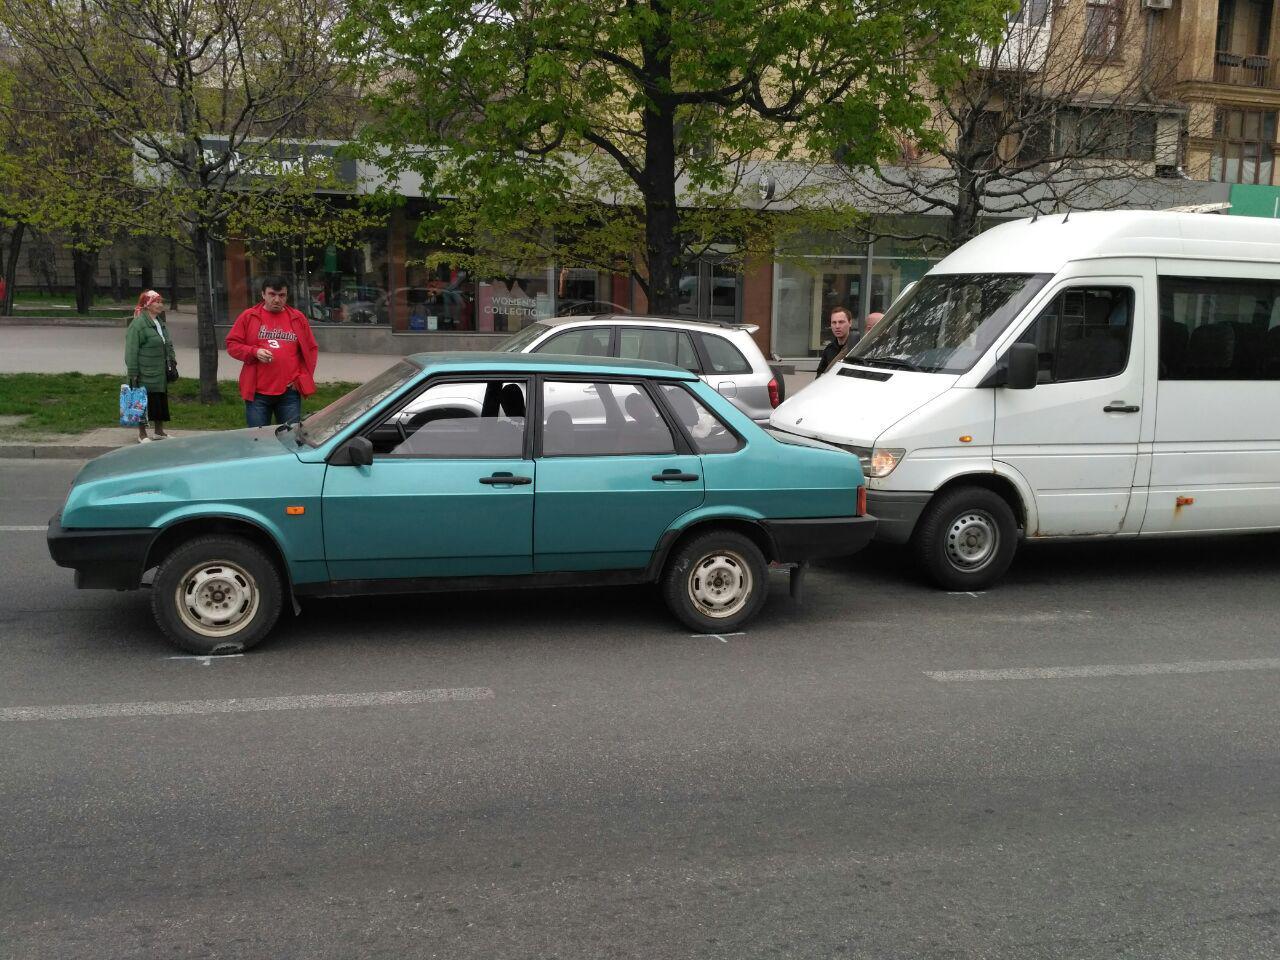 Погоня вЗапорожье: шофёр сбил 3-х женщин и пробует исчезнуть